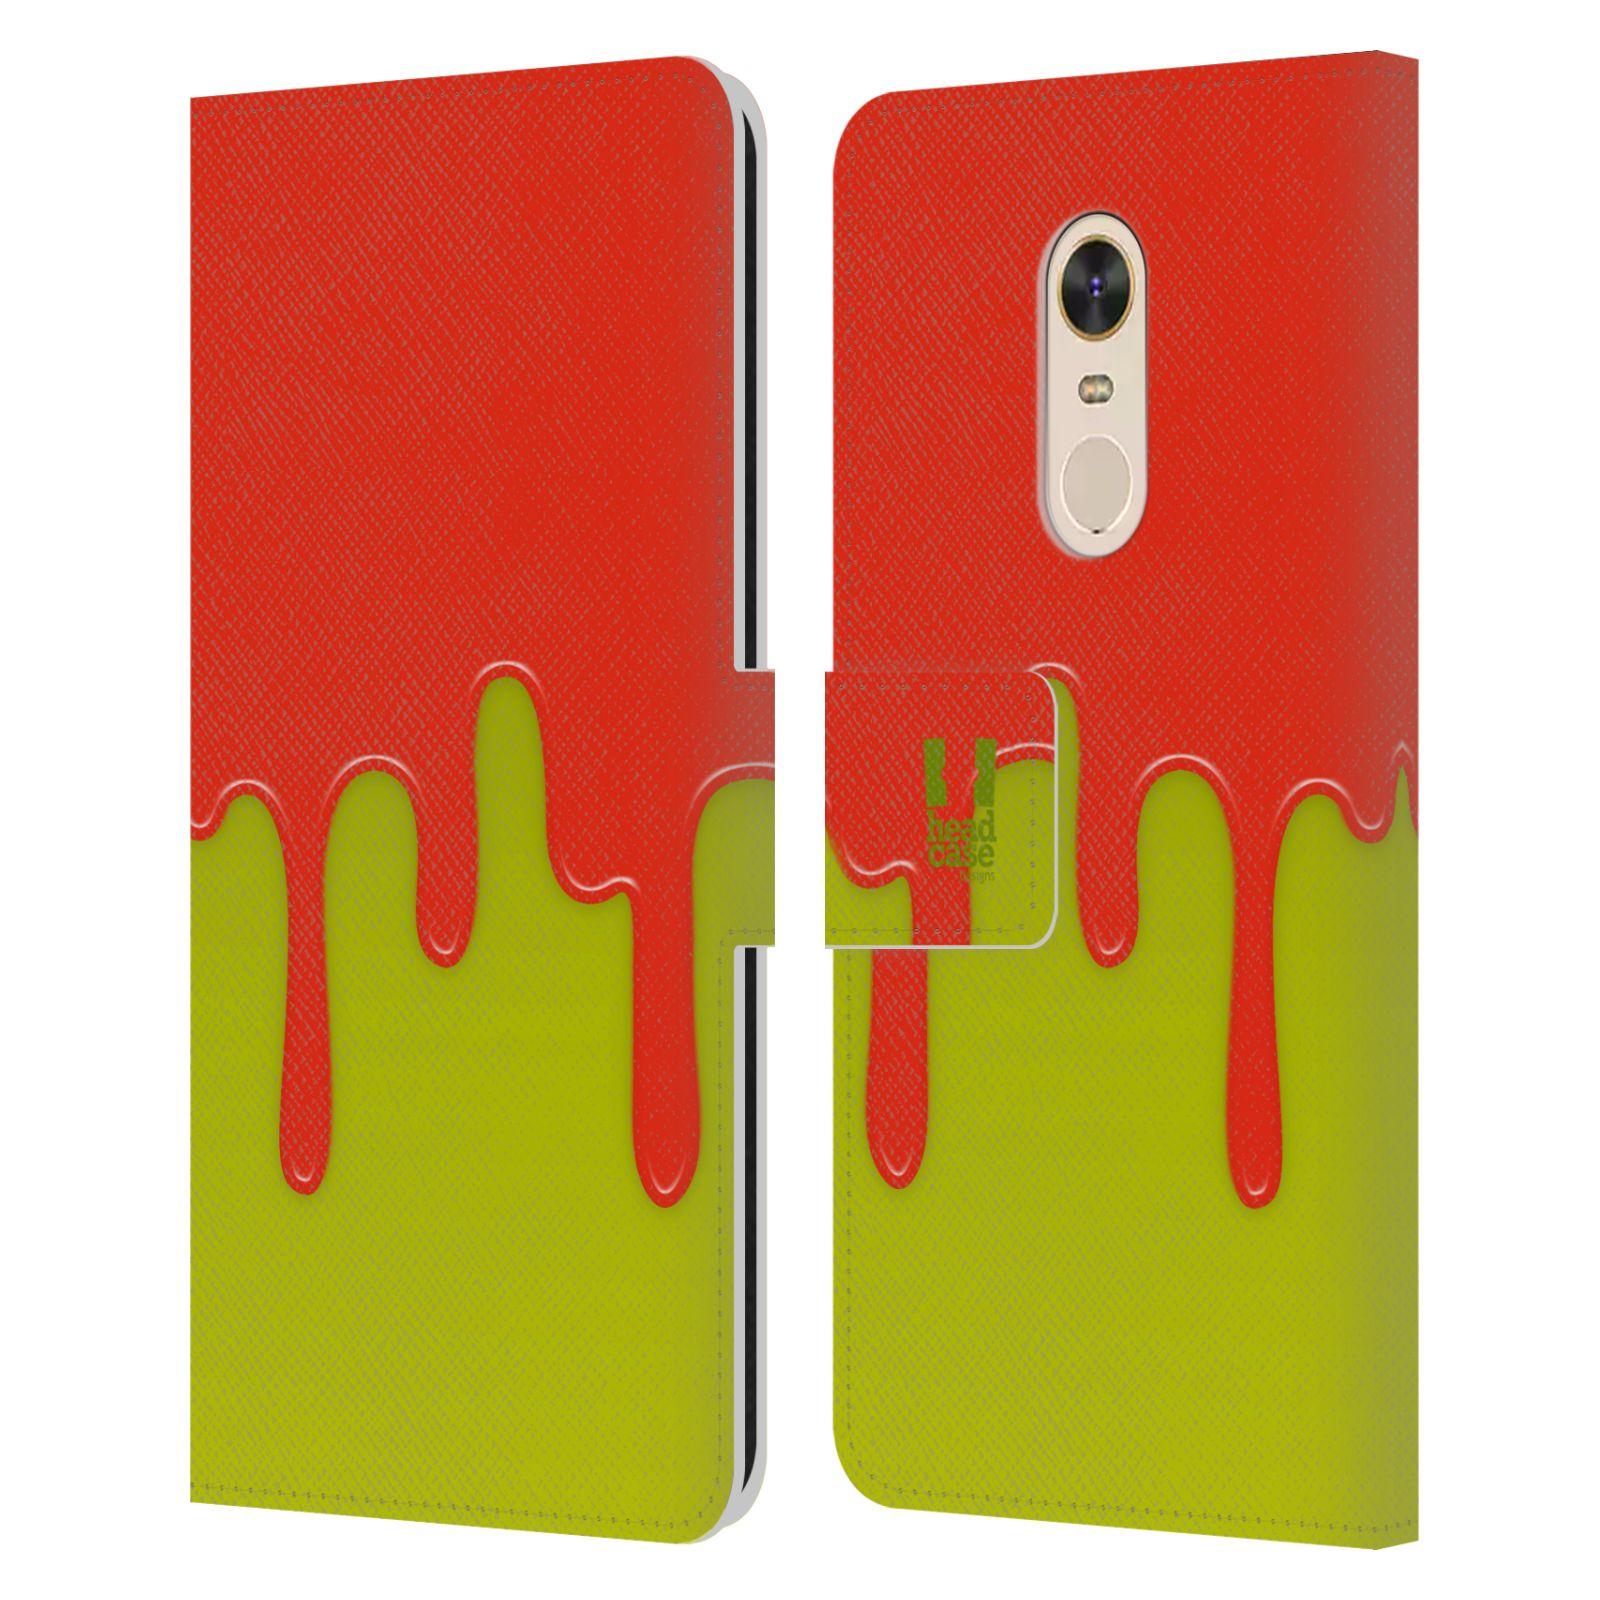 HEAD CASE Flipové pouzdro pro mobil Xiaomi Redmi 5 PLUS Rozlitá barva oranžová a zelená